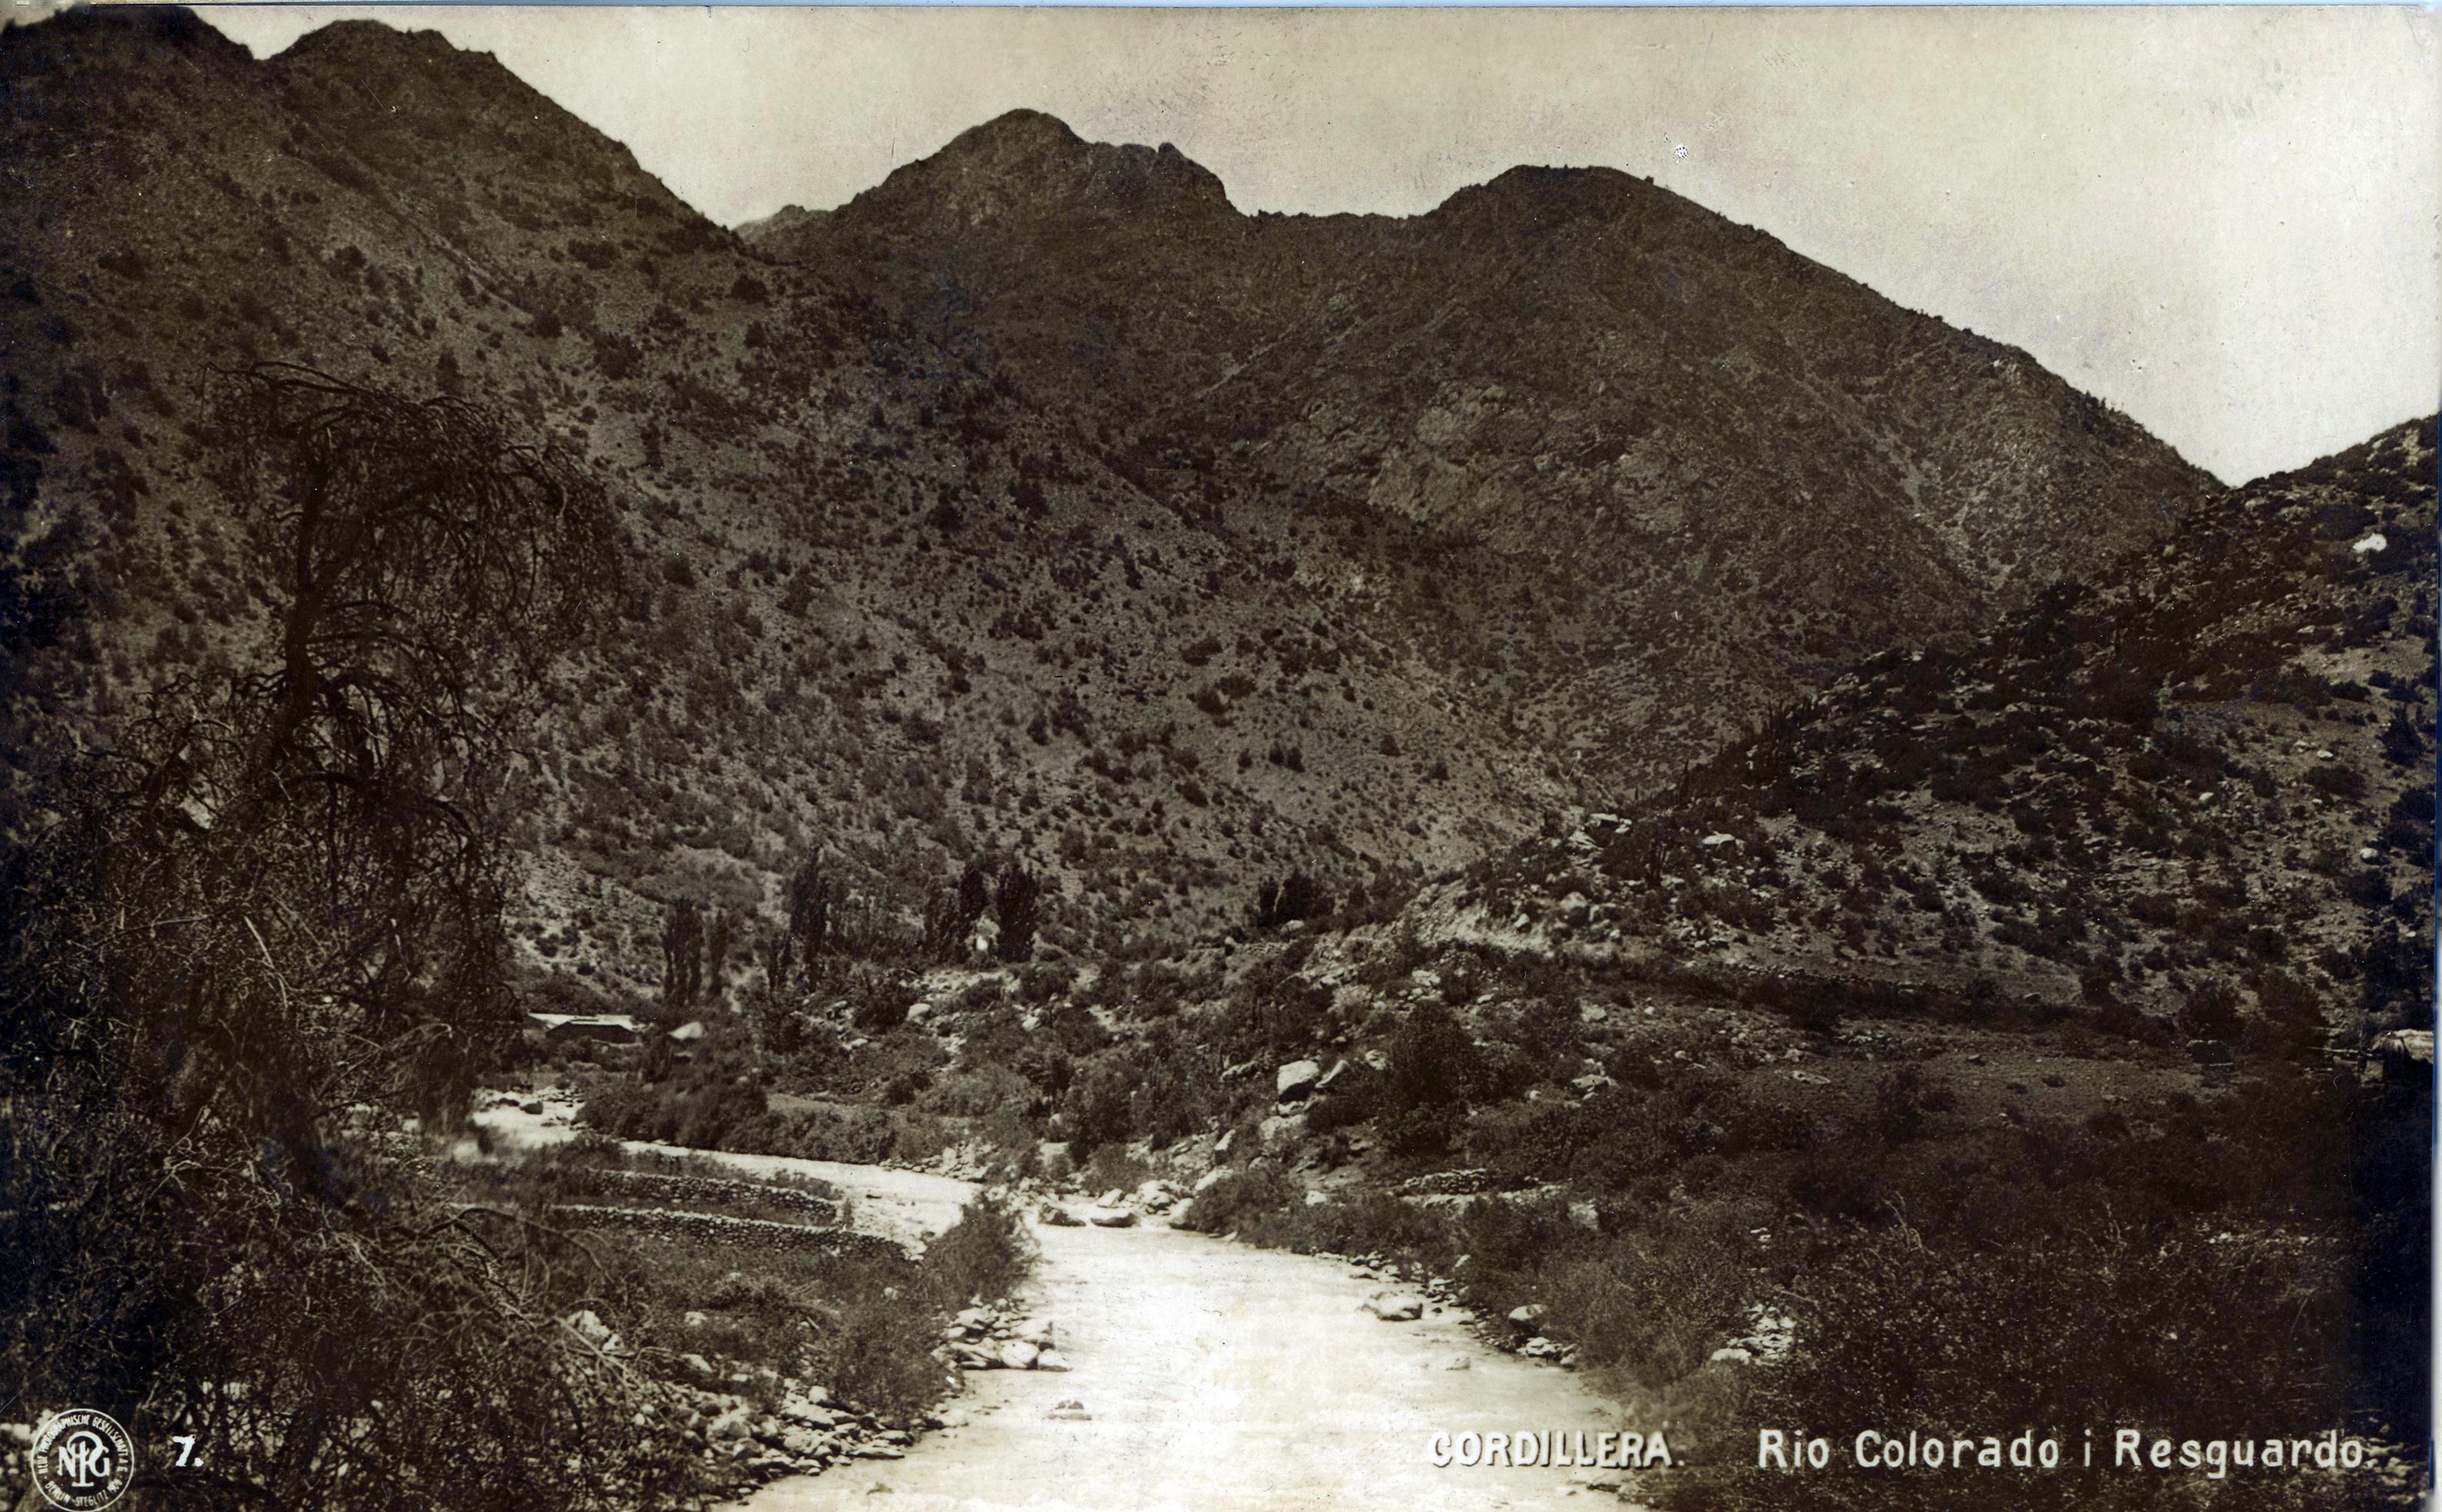 Enterreno - Fotos históricas de chile - fotos antiguas de Chile - Río Colorado en el Cajón del Maipo, 40s